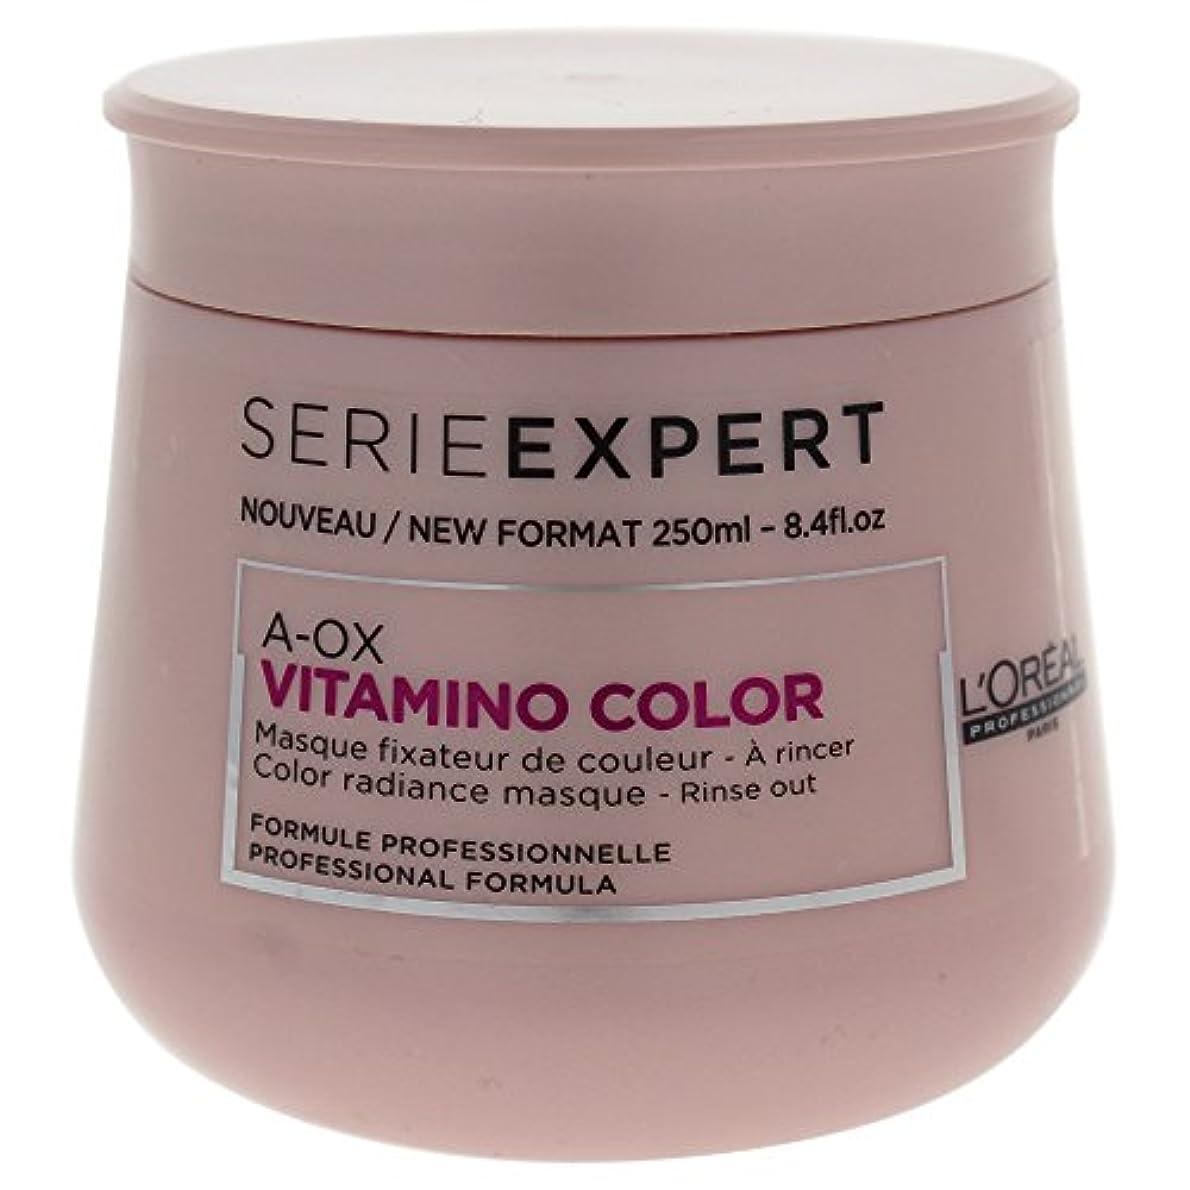 愛国的なショッピングセンターパケットL'Oreal Serie Expert A-OX VITAMINO COLOR Color Radiance Masque 250 ml [並行輸入品]